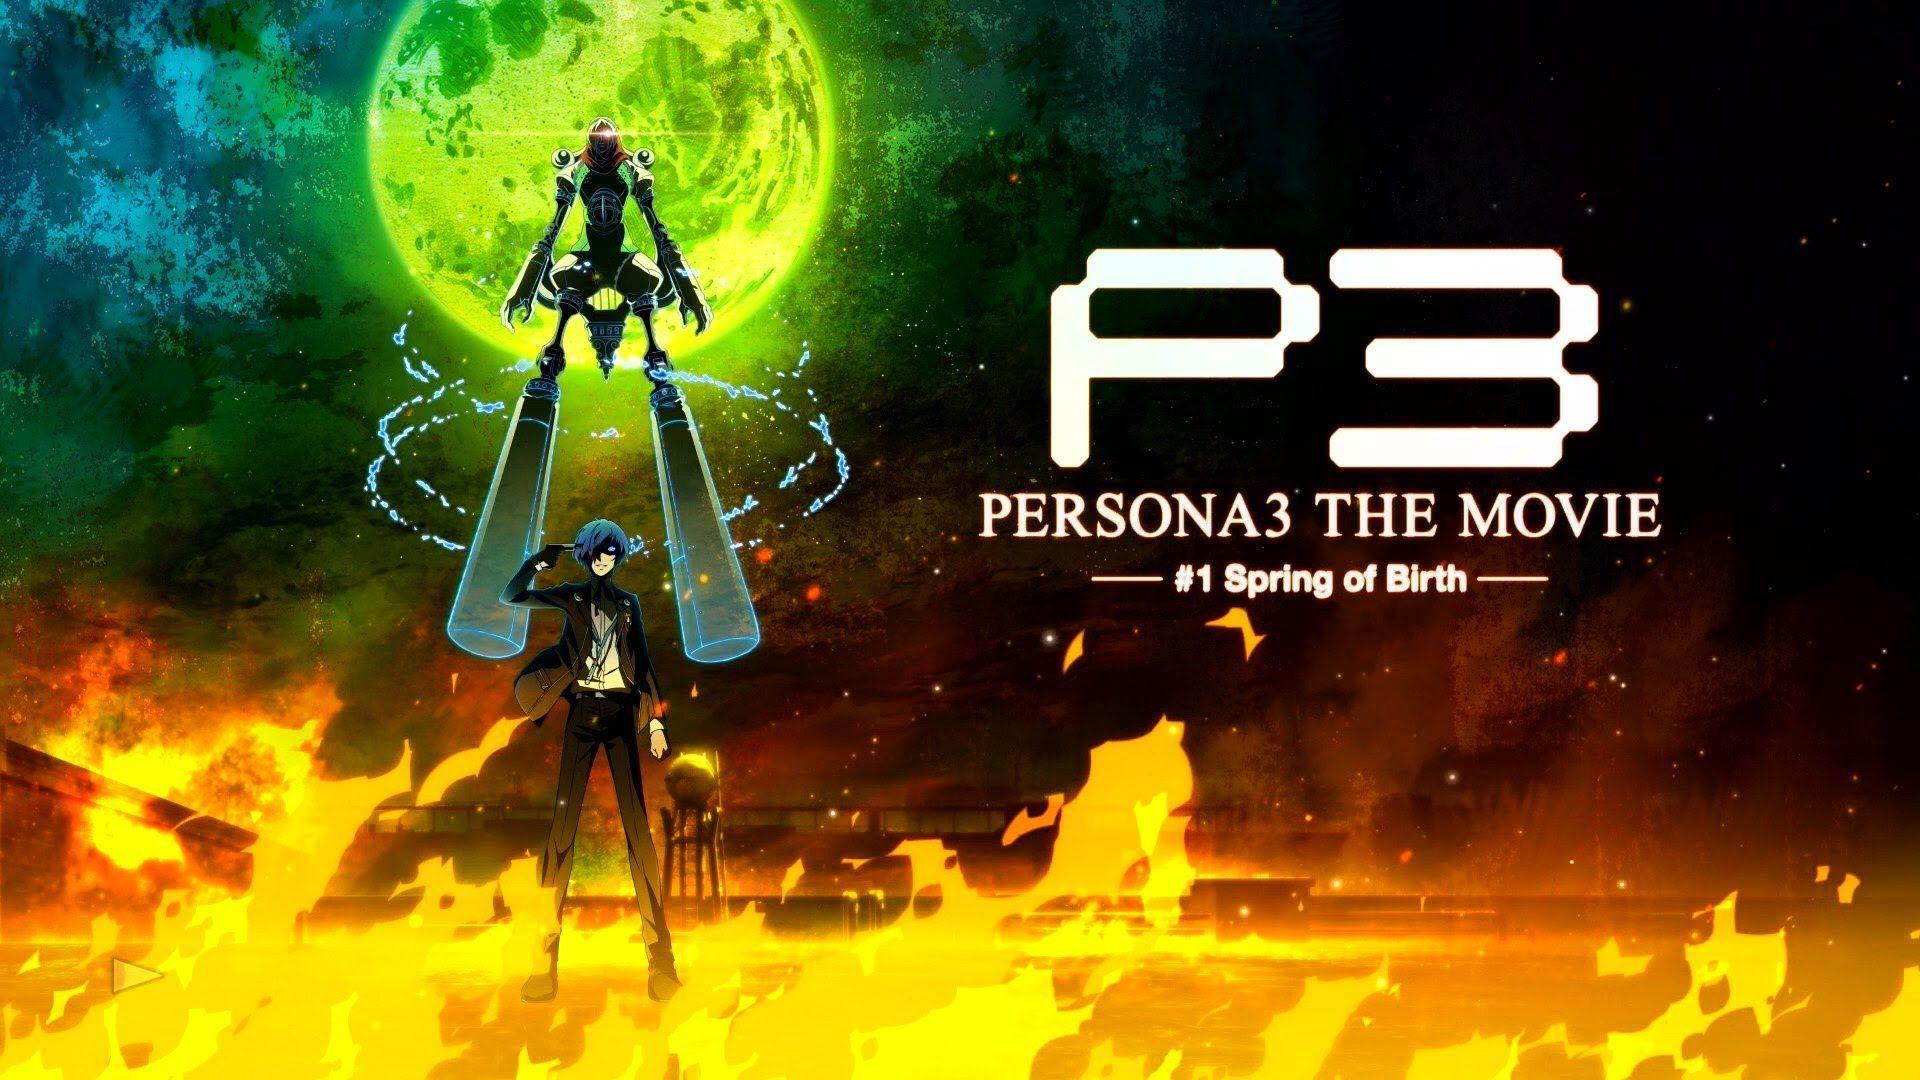 Persona 3 Movie